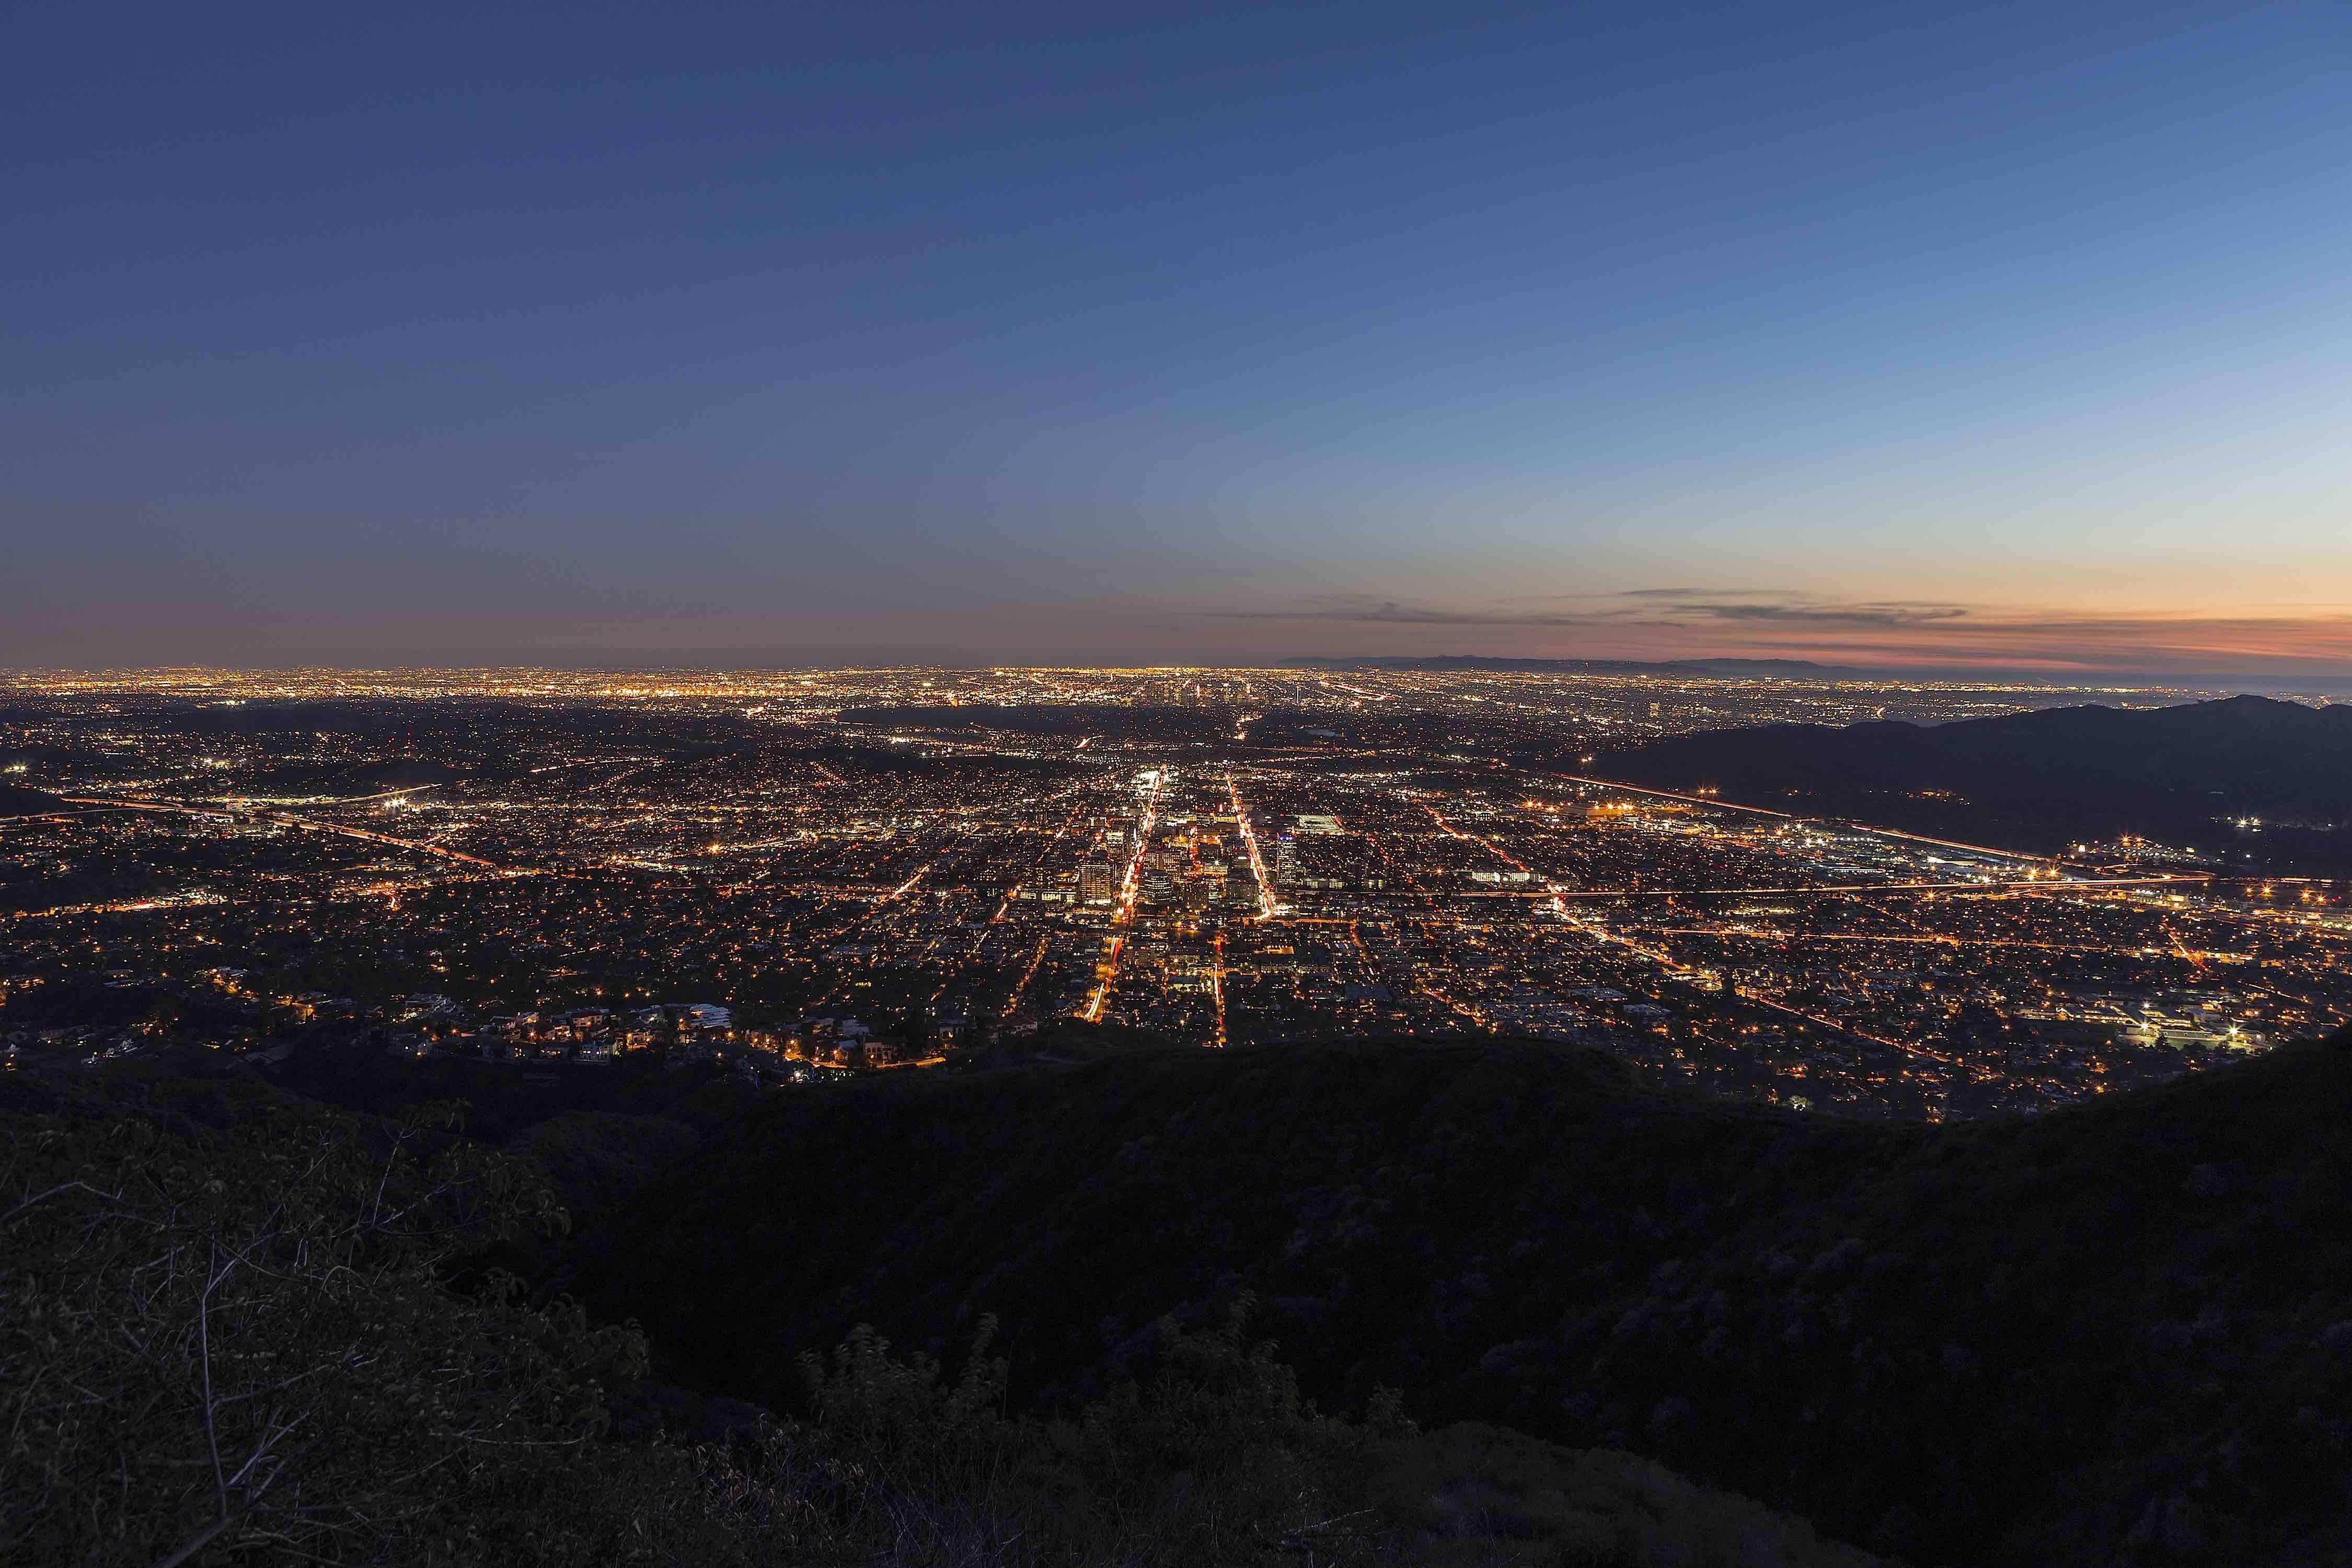 Glendale housing at night